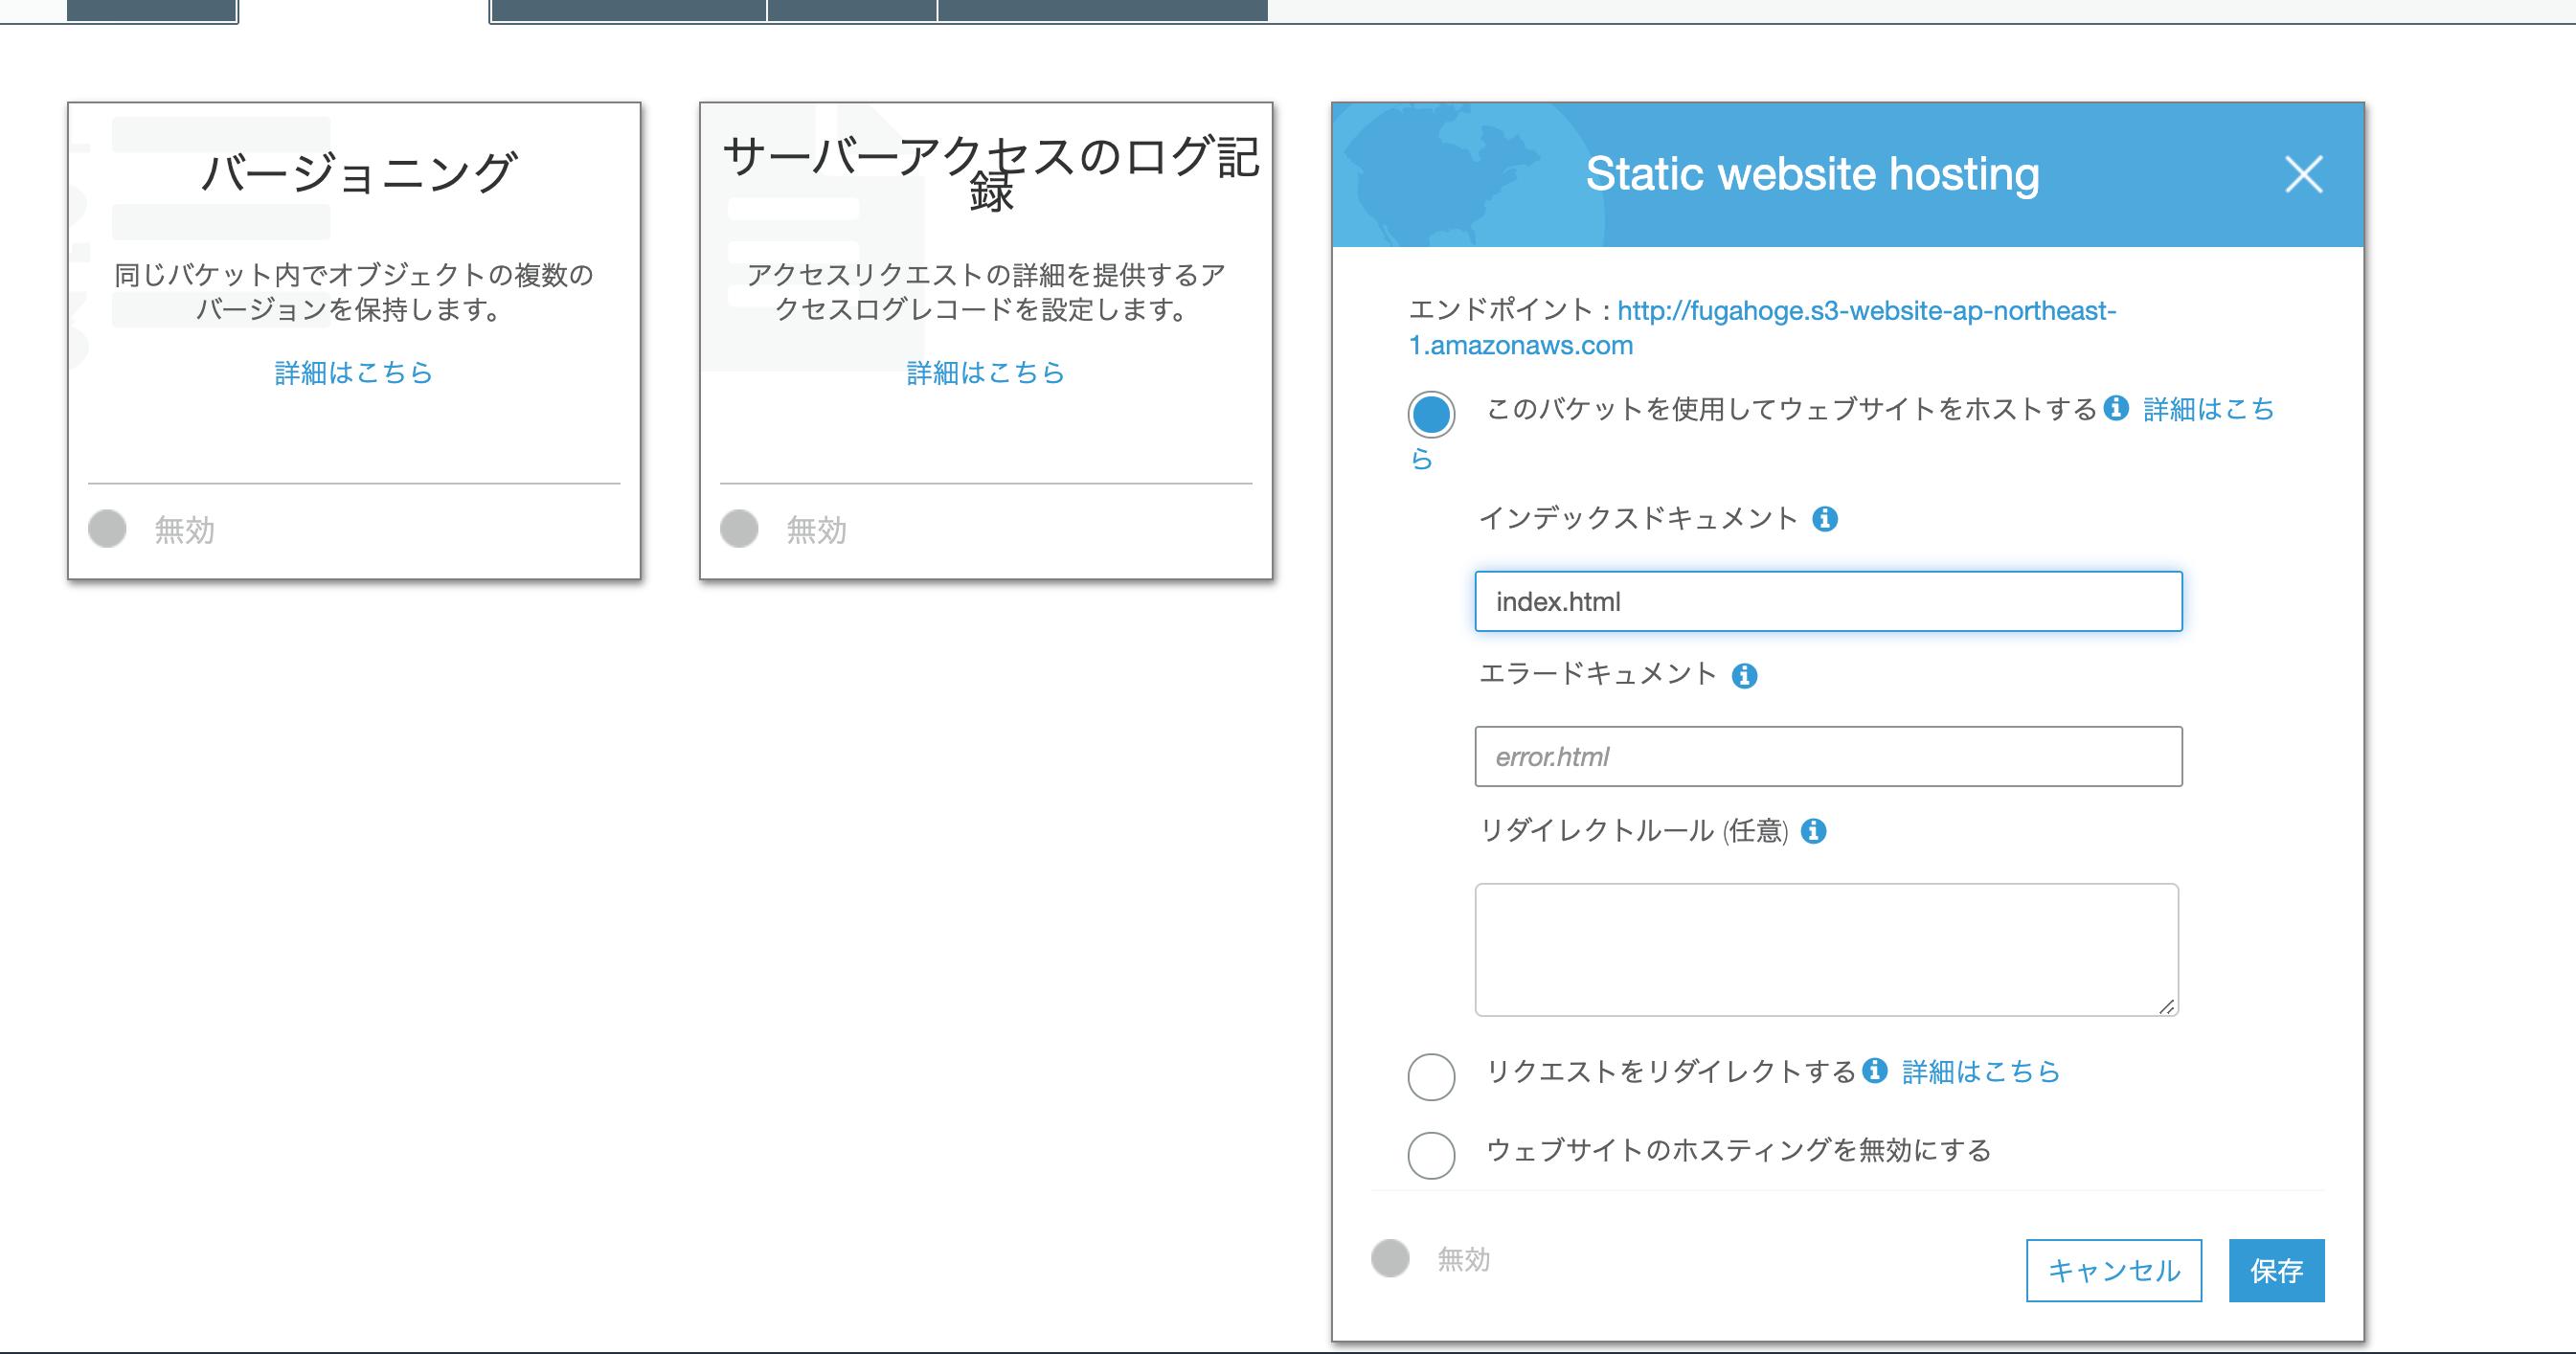 スクリーンショット 2020-01-14 12.23.54.png